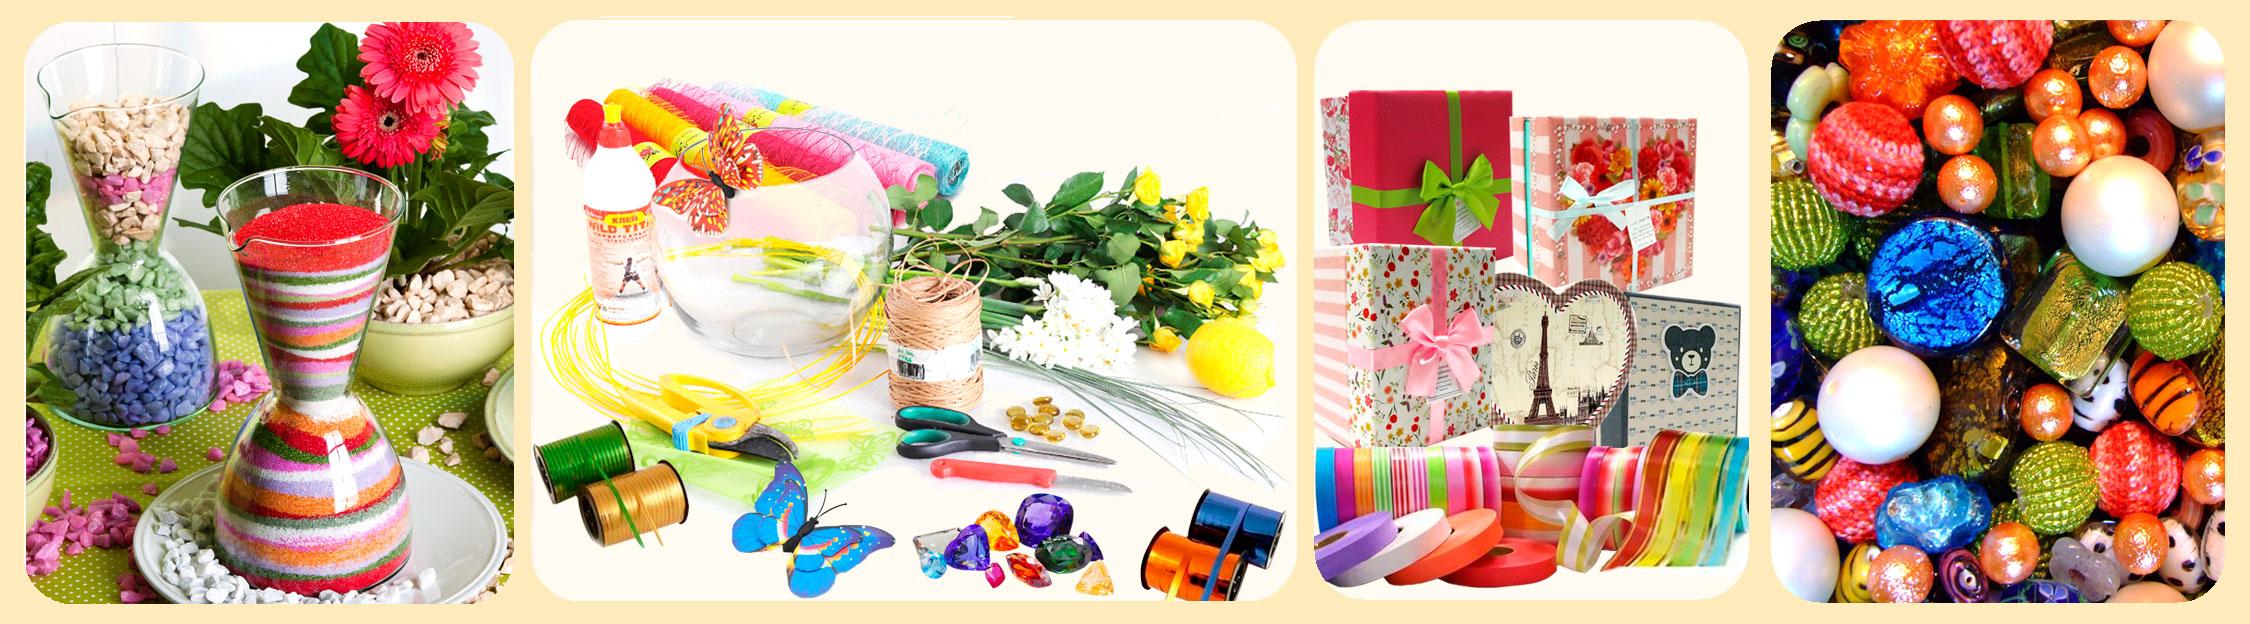 Астрапак: магазин флористических товаров - Санкт